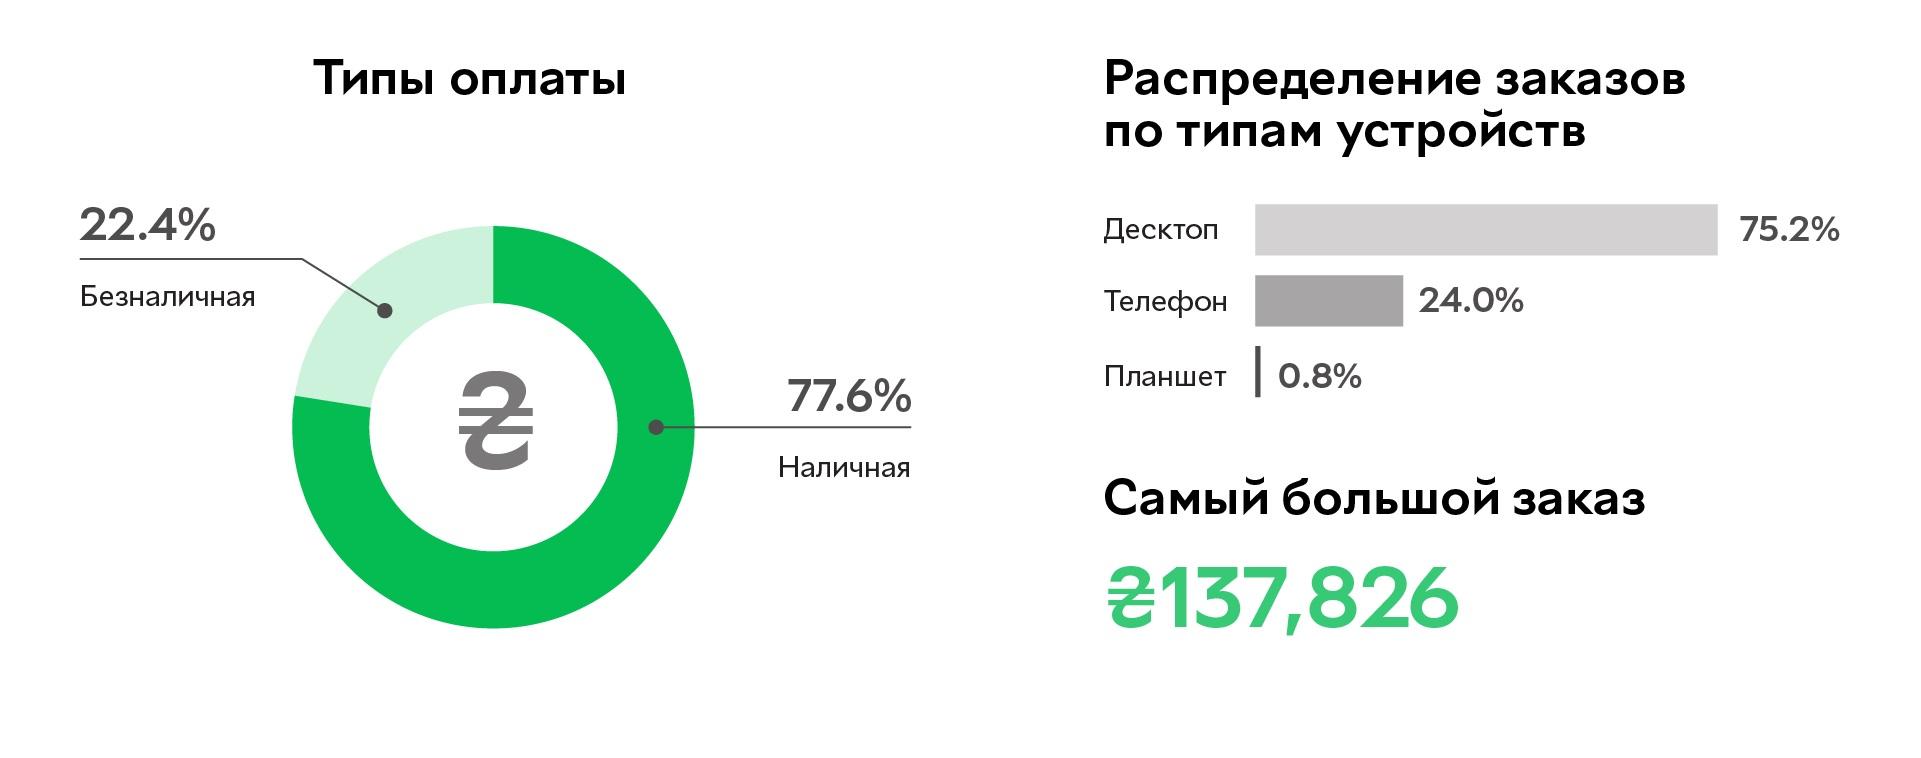 Статистика типов оплаты и распределение заказов по типам устройств интернет-магазина «Розетка»